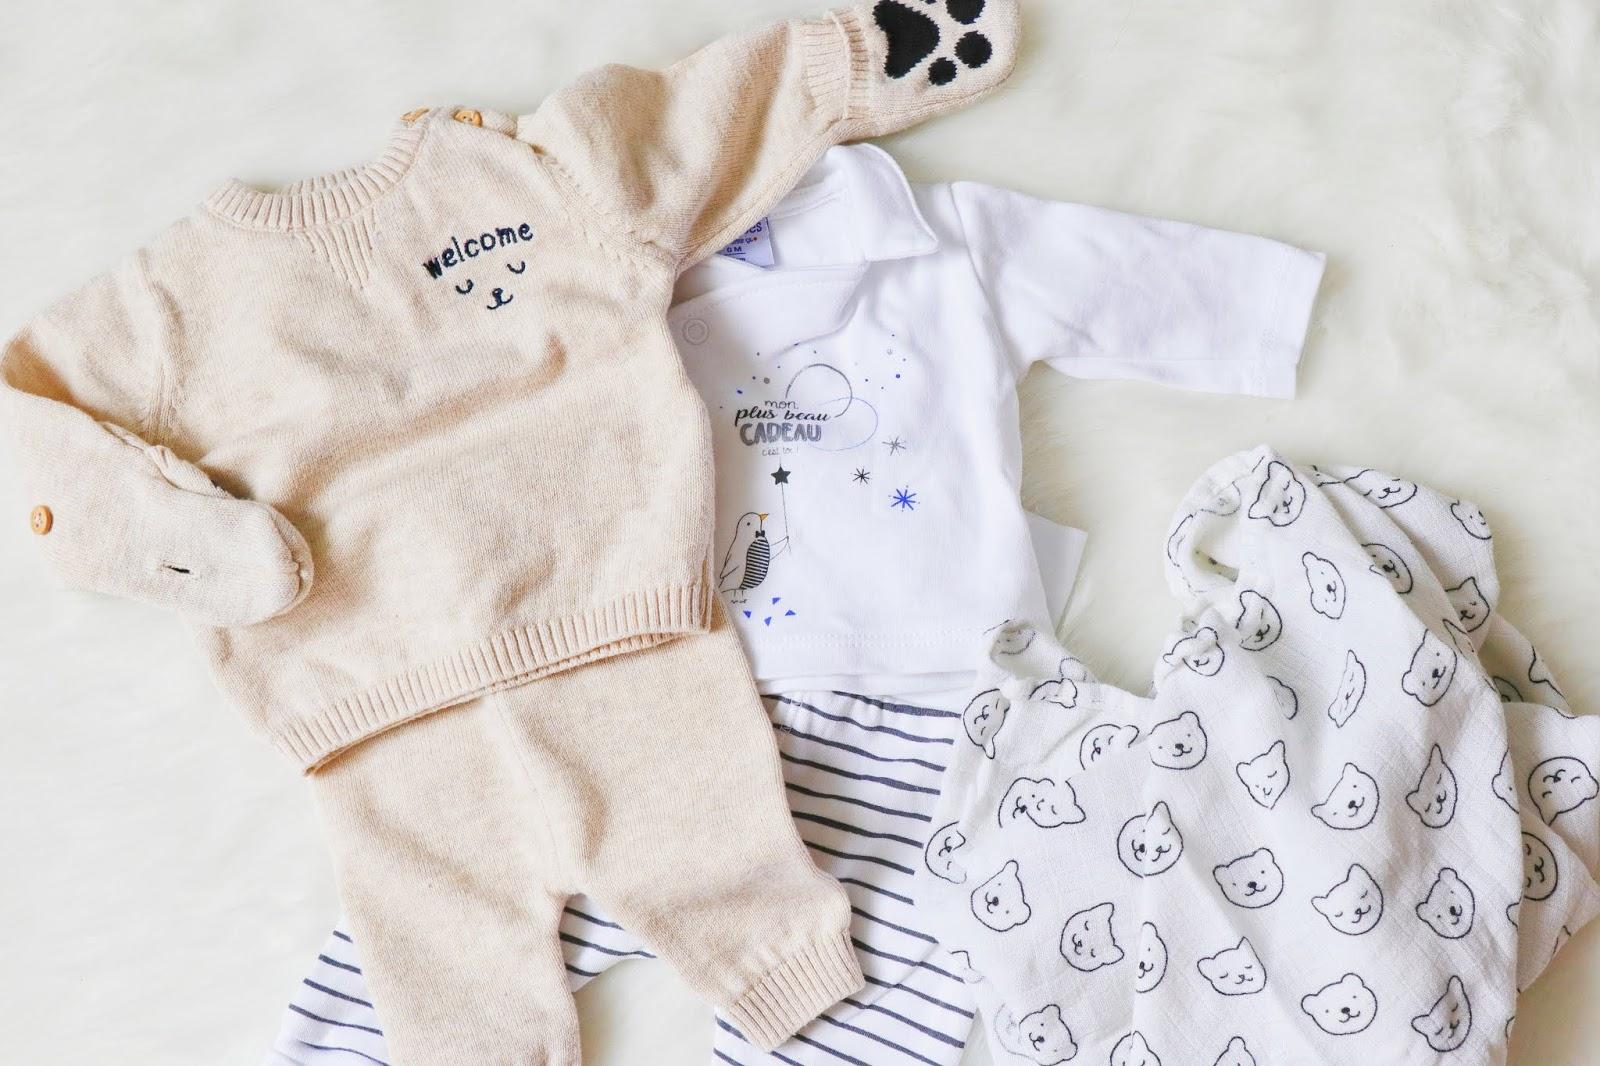 que mettre valise maternité maman bébé vêtements taille quantité soin trousseau naissance les gommettes de melo kiabi lange